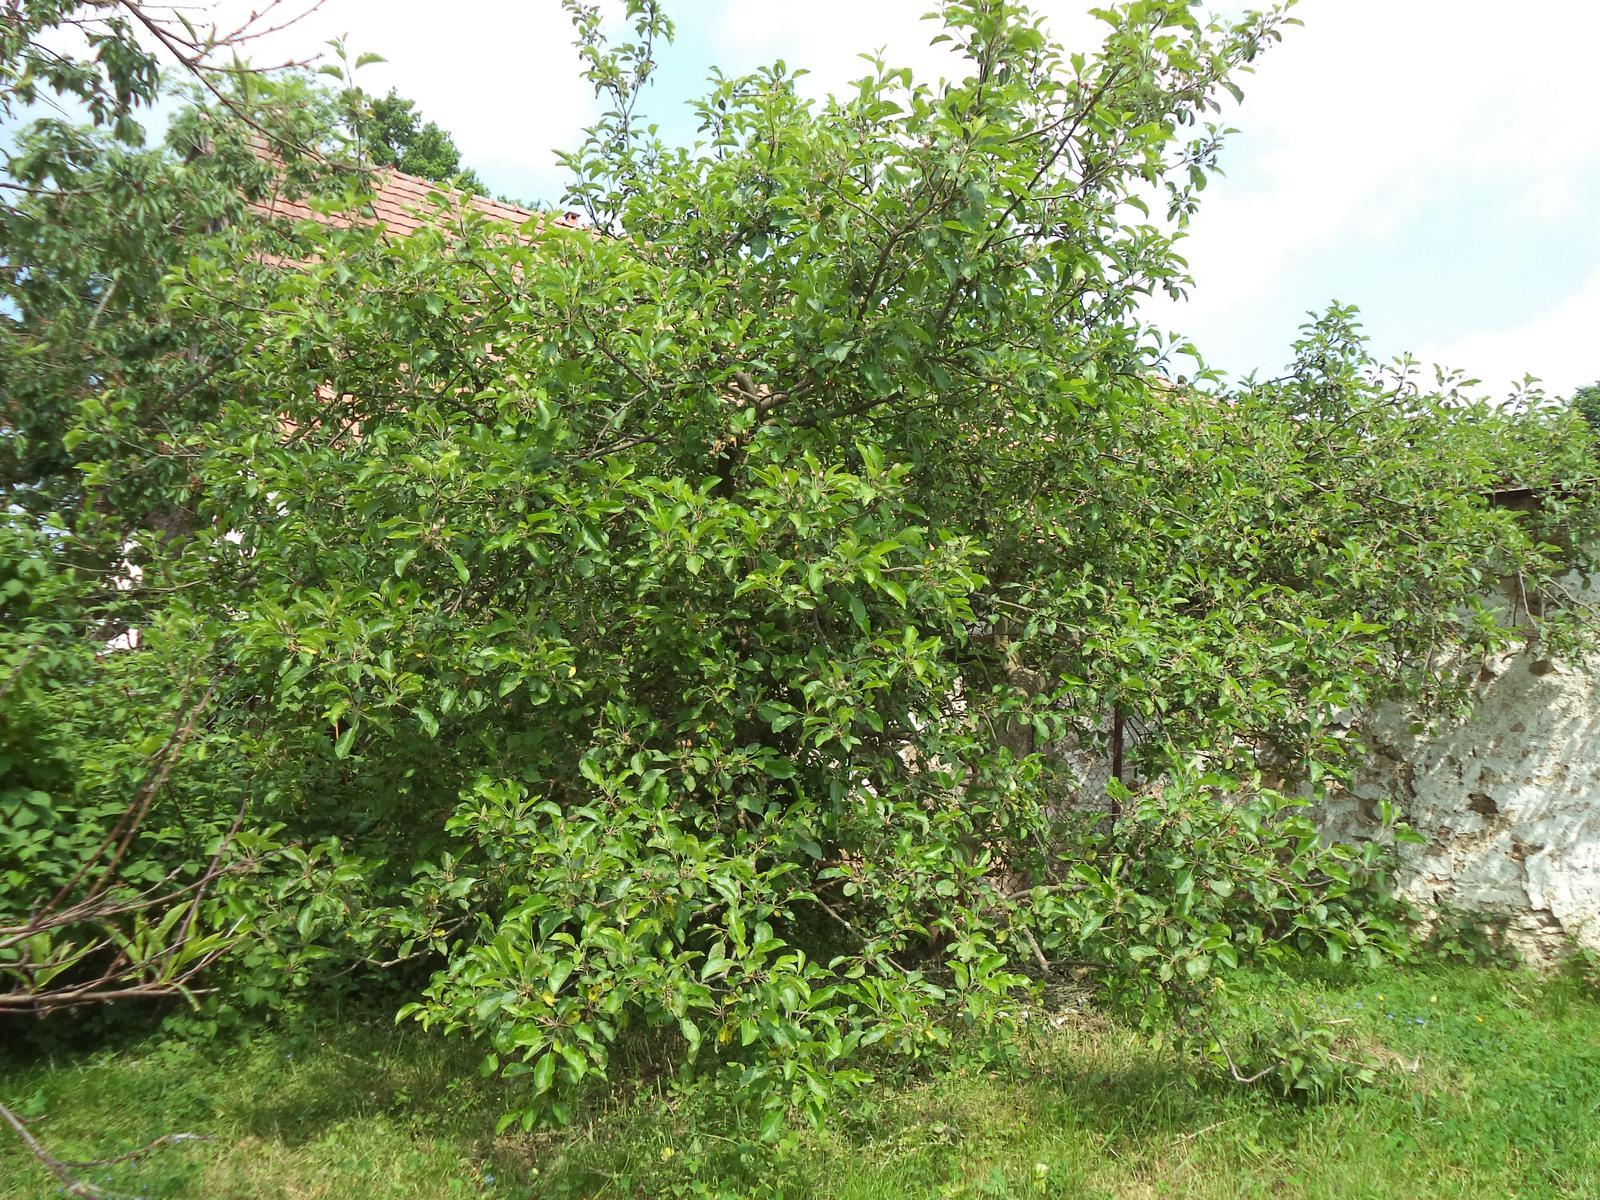 Zahrádkové - Stará jablůňka, pořád plodí sladká červená jablíčka, skoro bych řekla, nejlepší co znám :-D